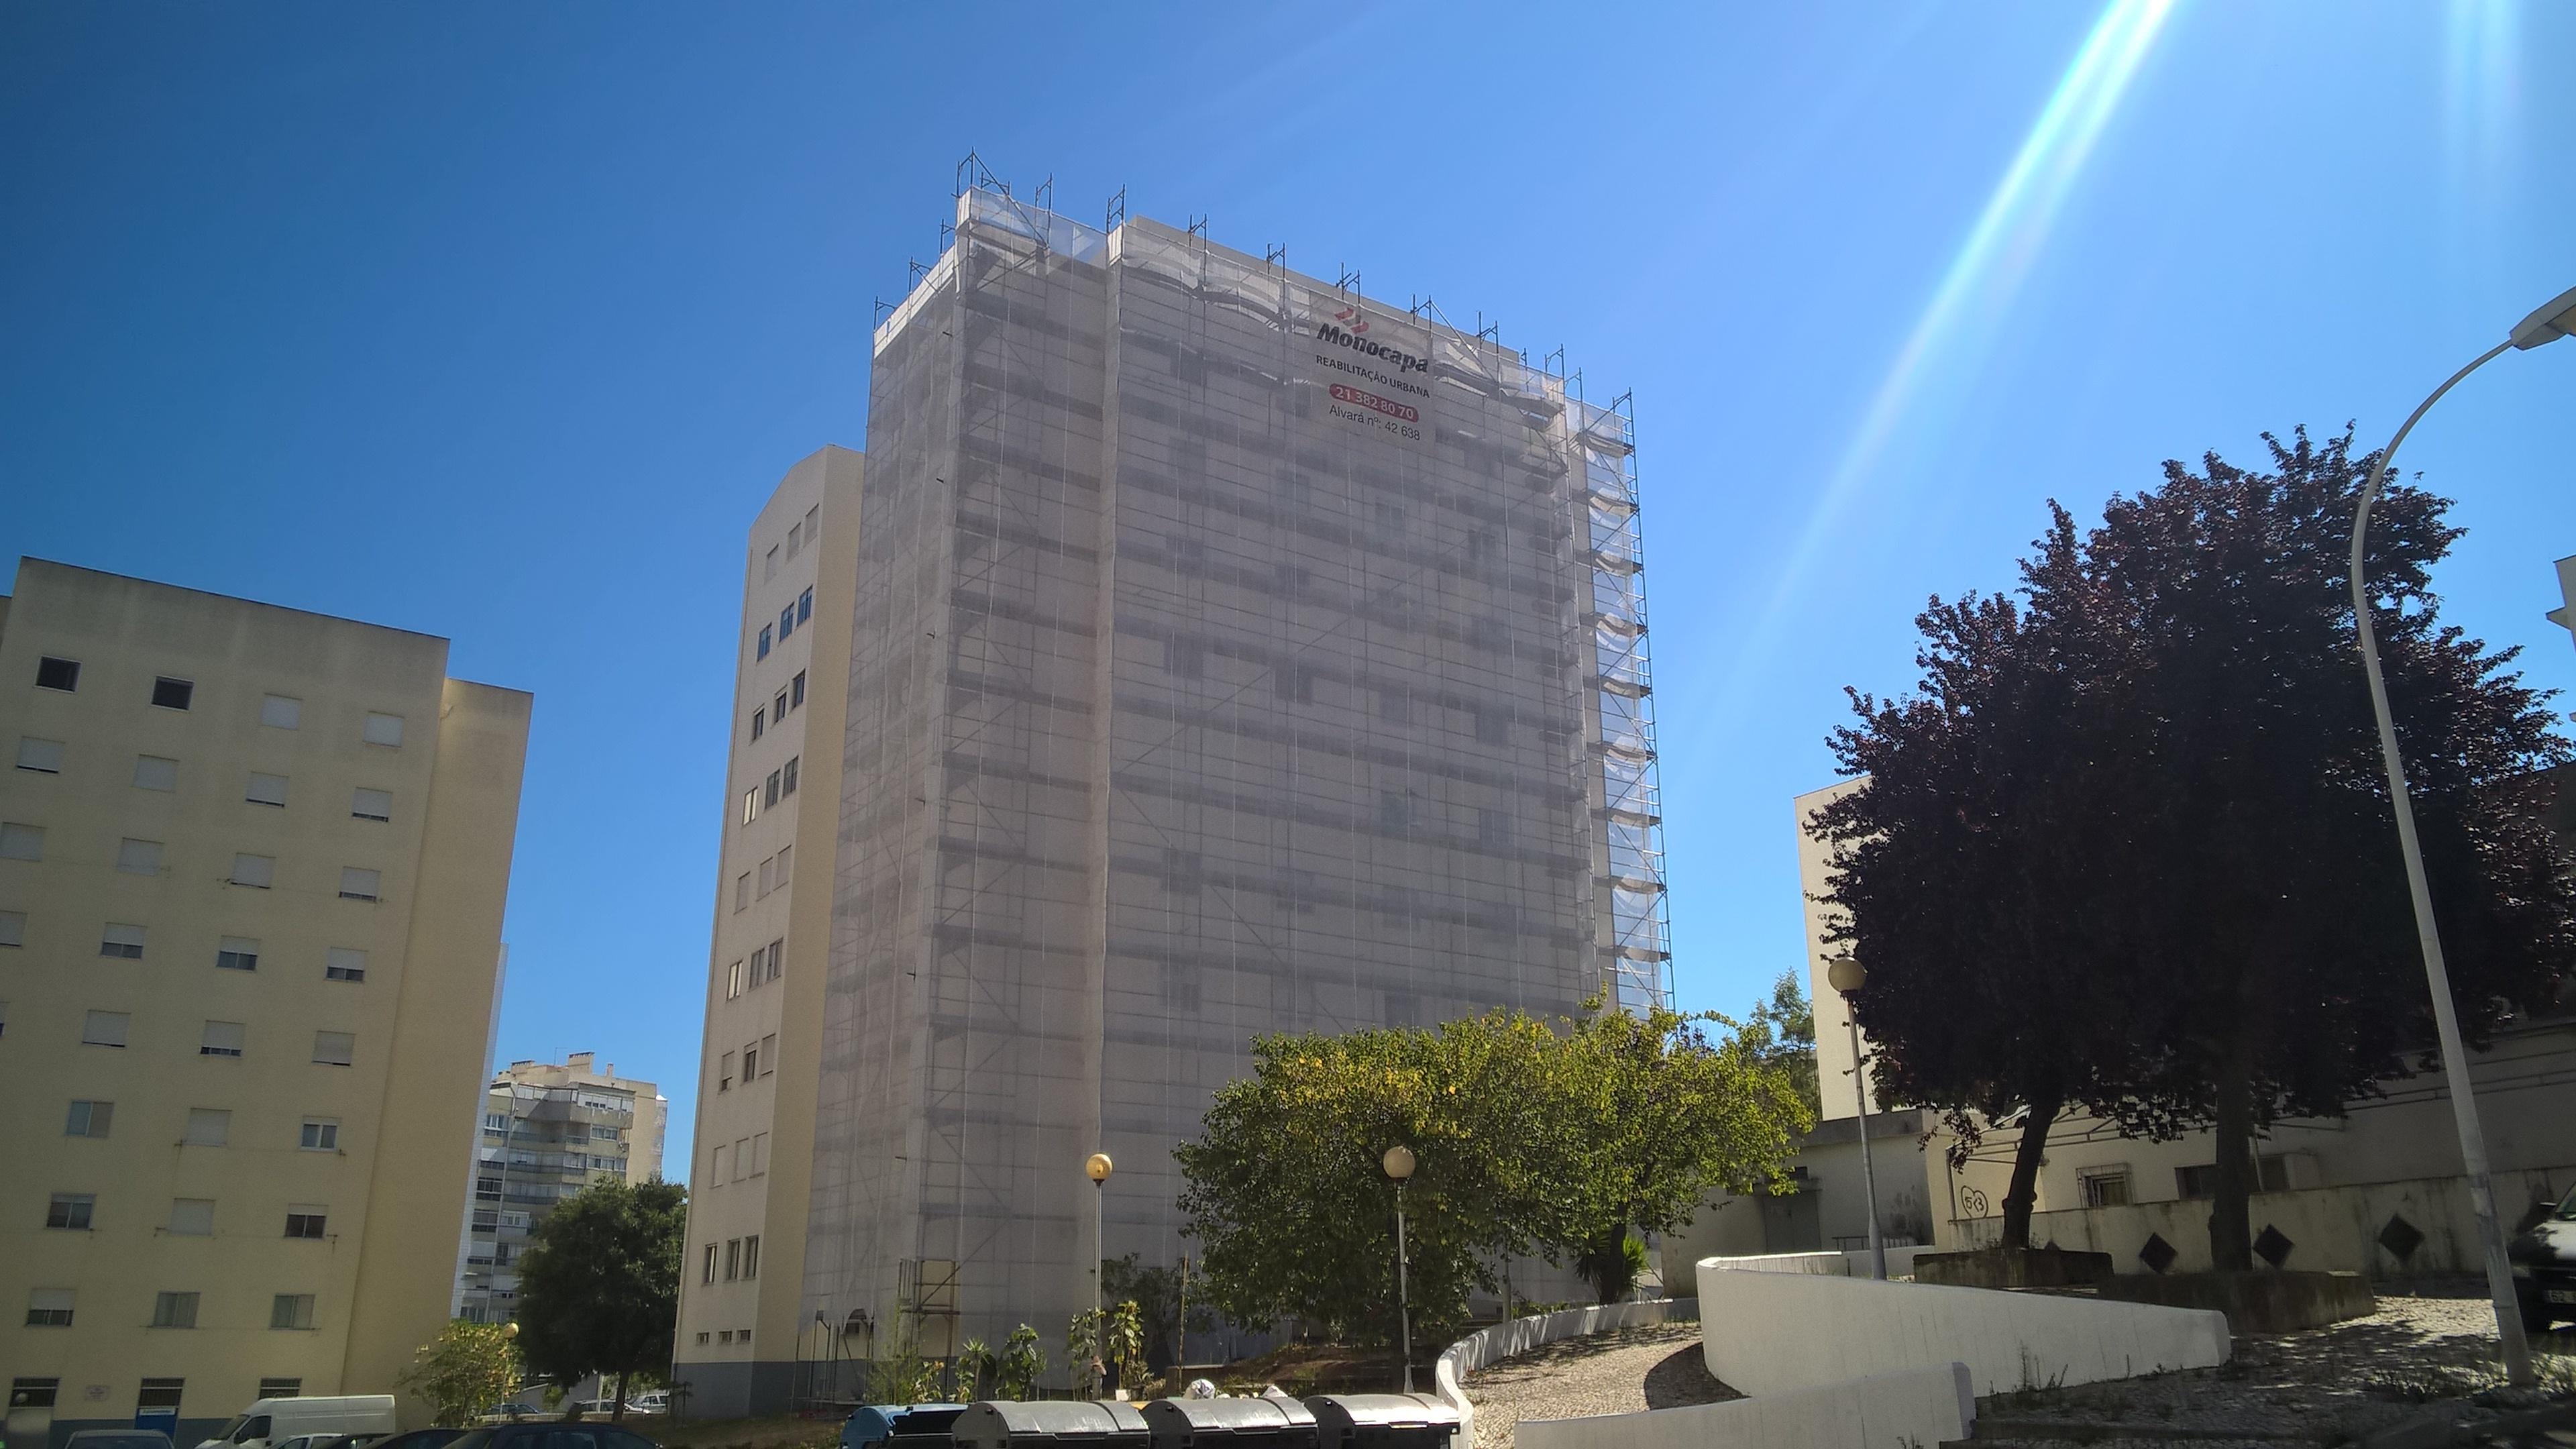 Pintura de fachadas exteriores de prédios Oeiras